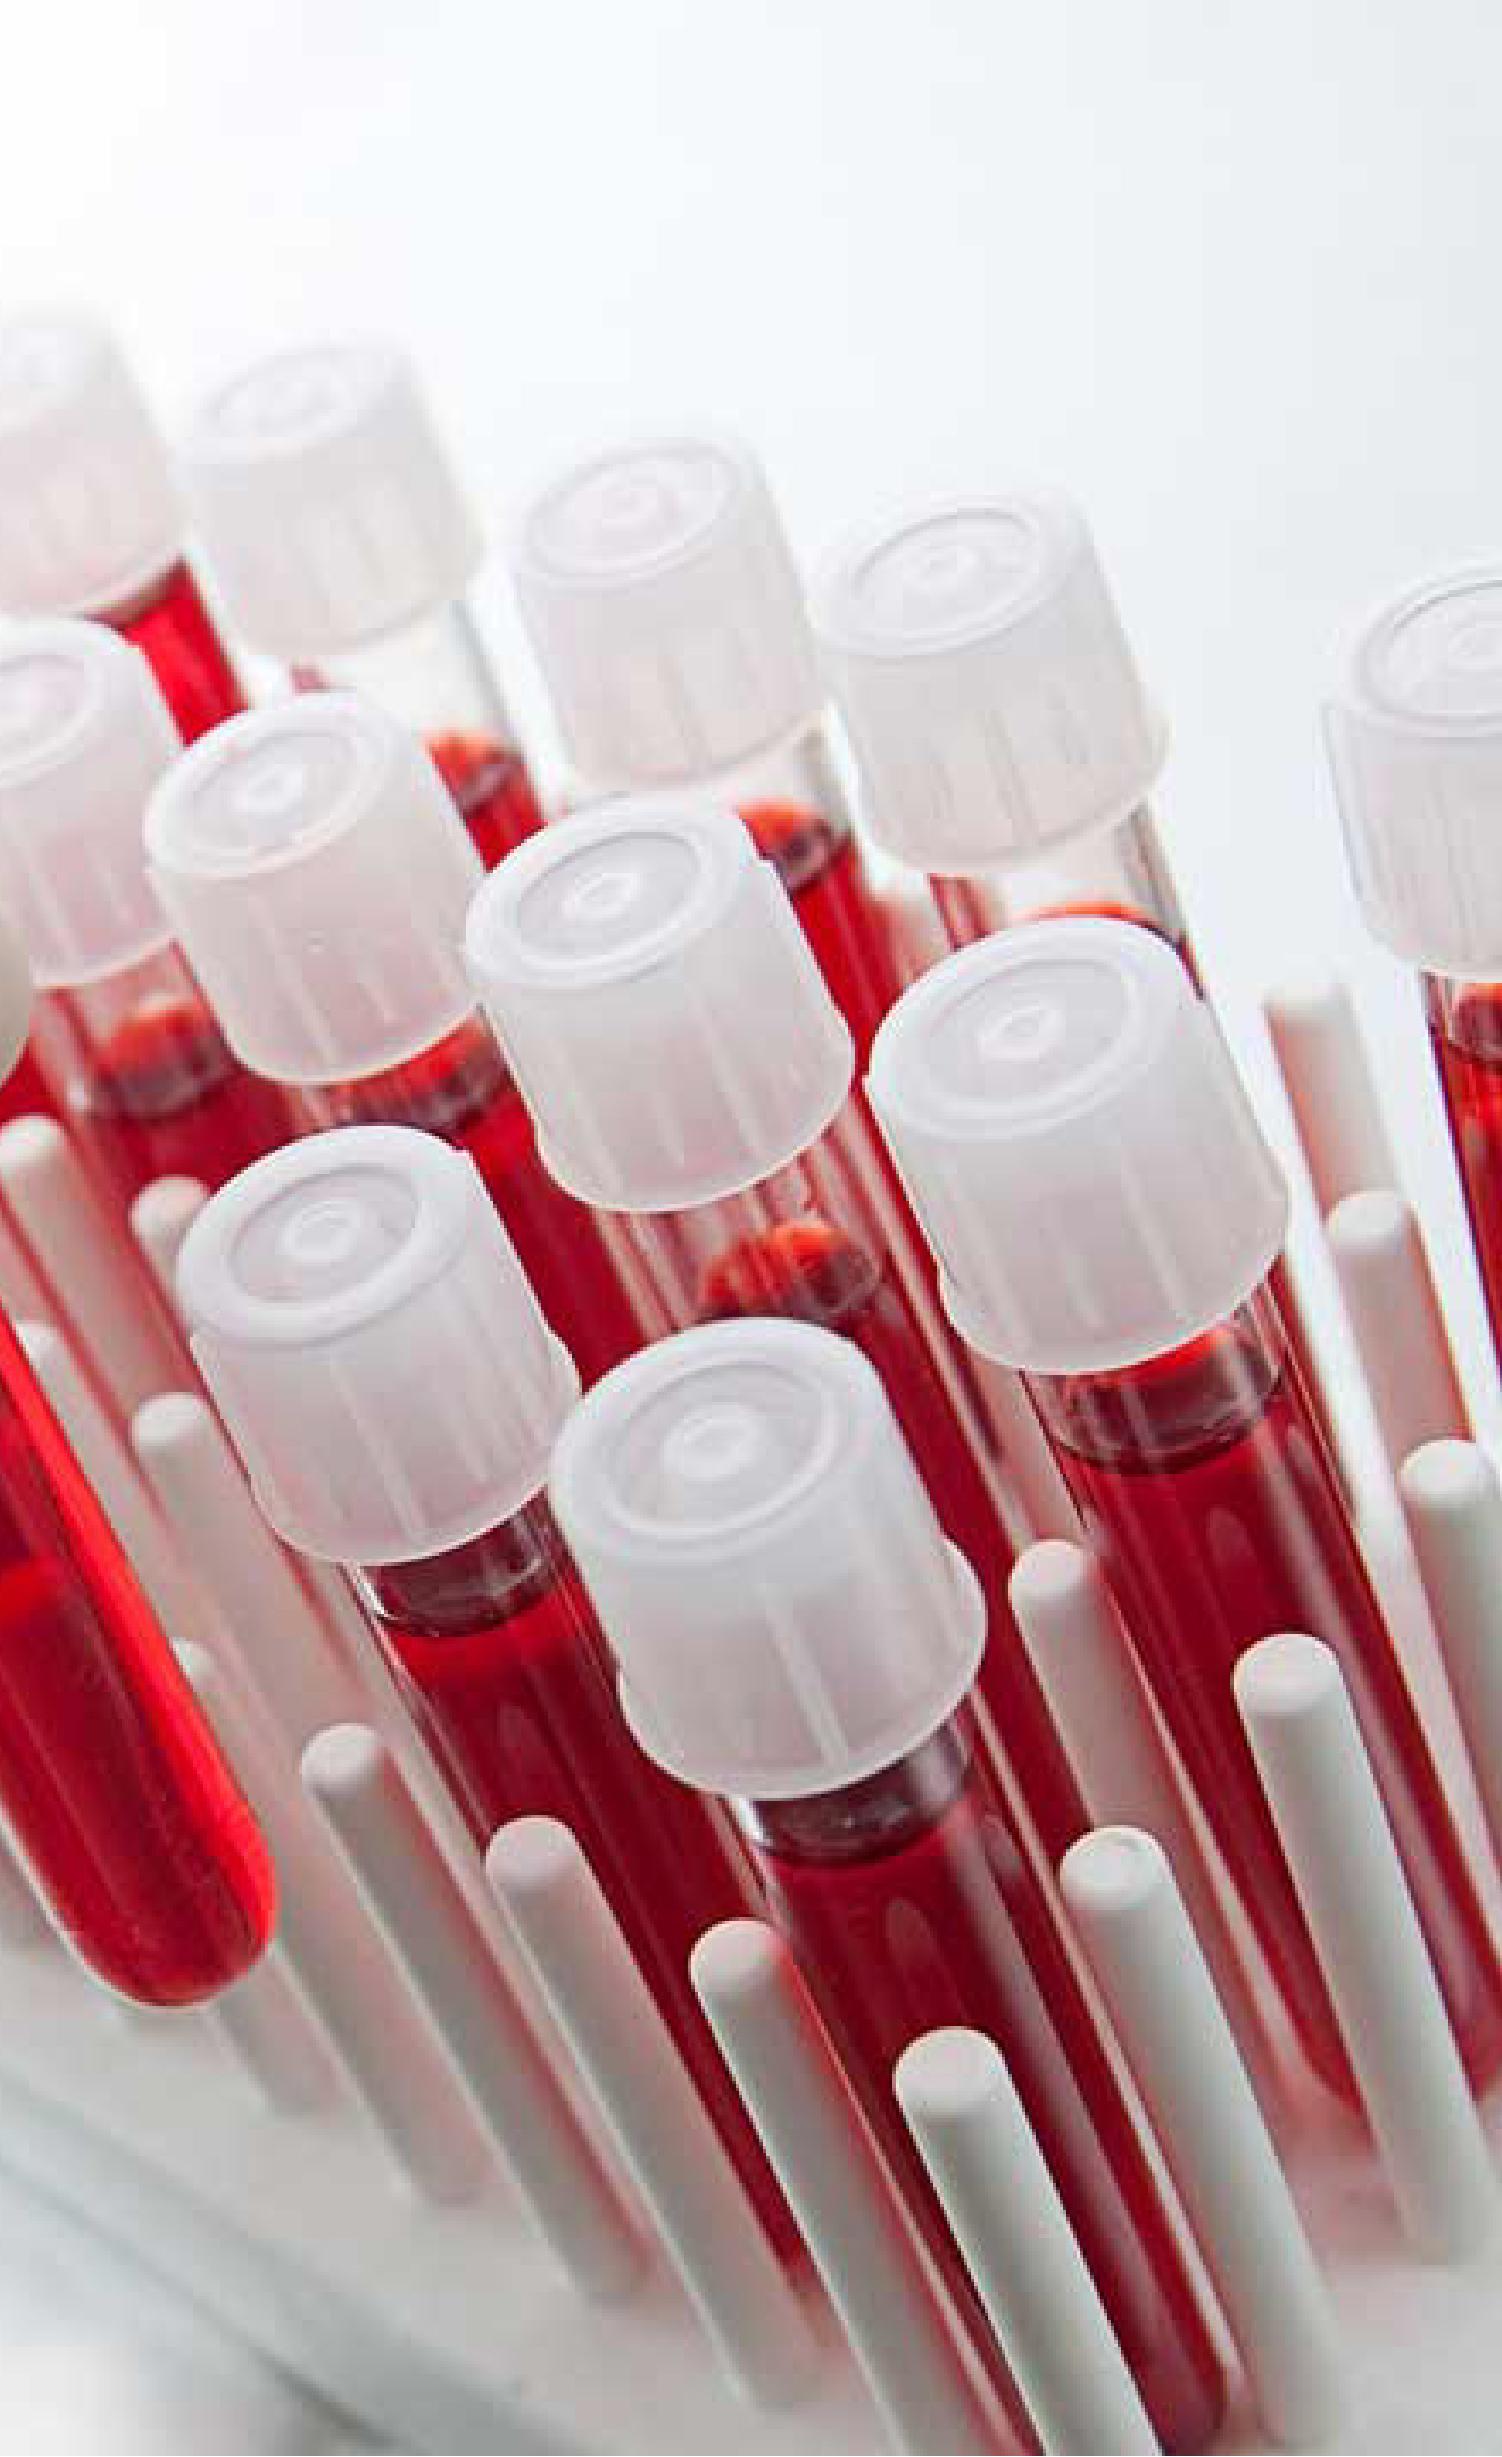 muestras de sangre